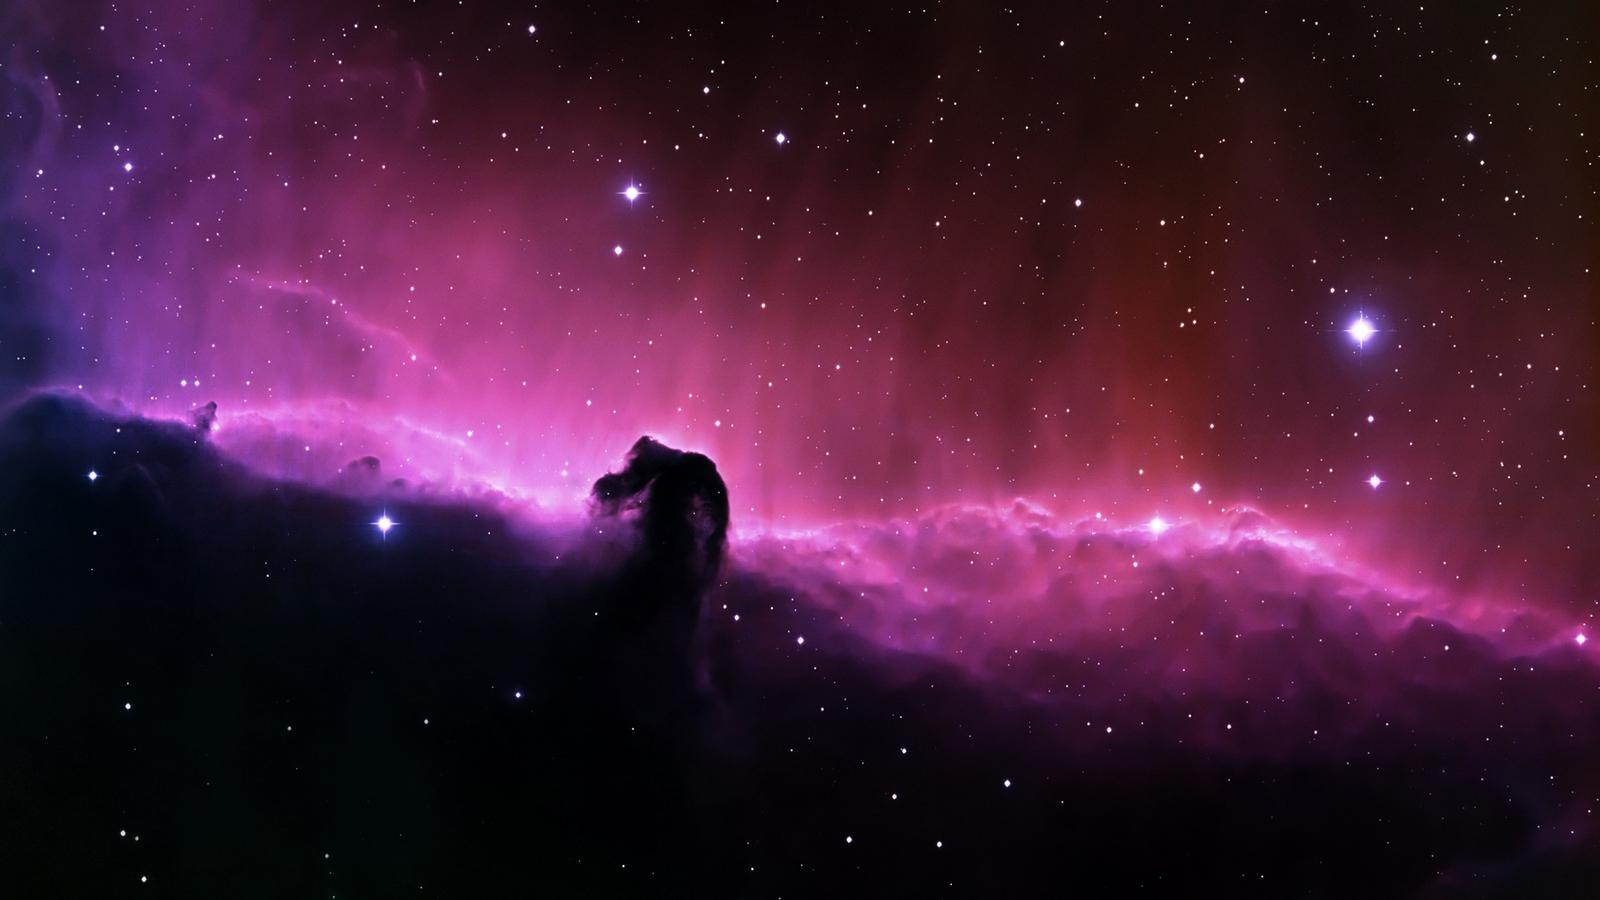 Space nebula wallpaper hd - Galaxy nebula live wallpaper ...